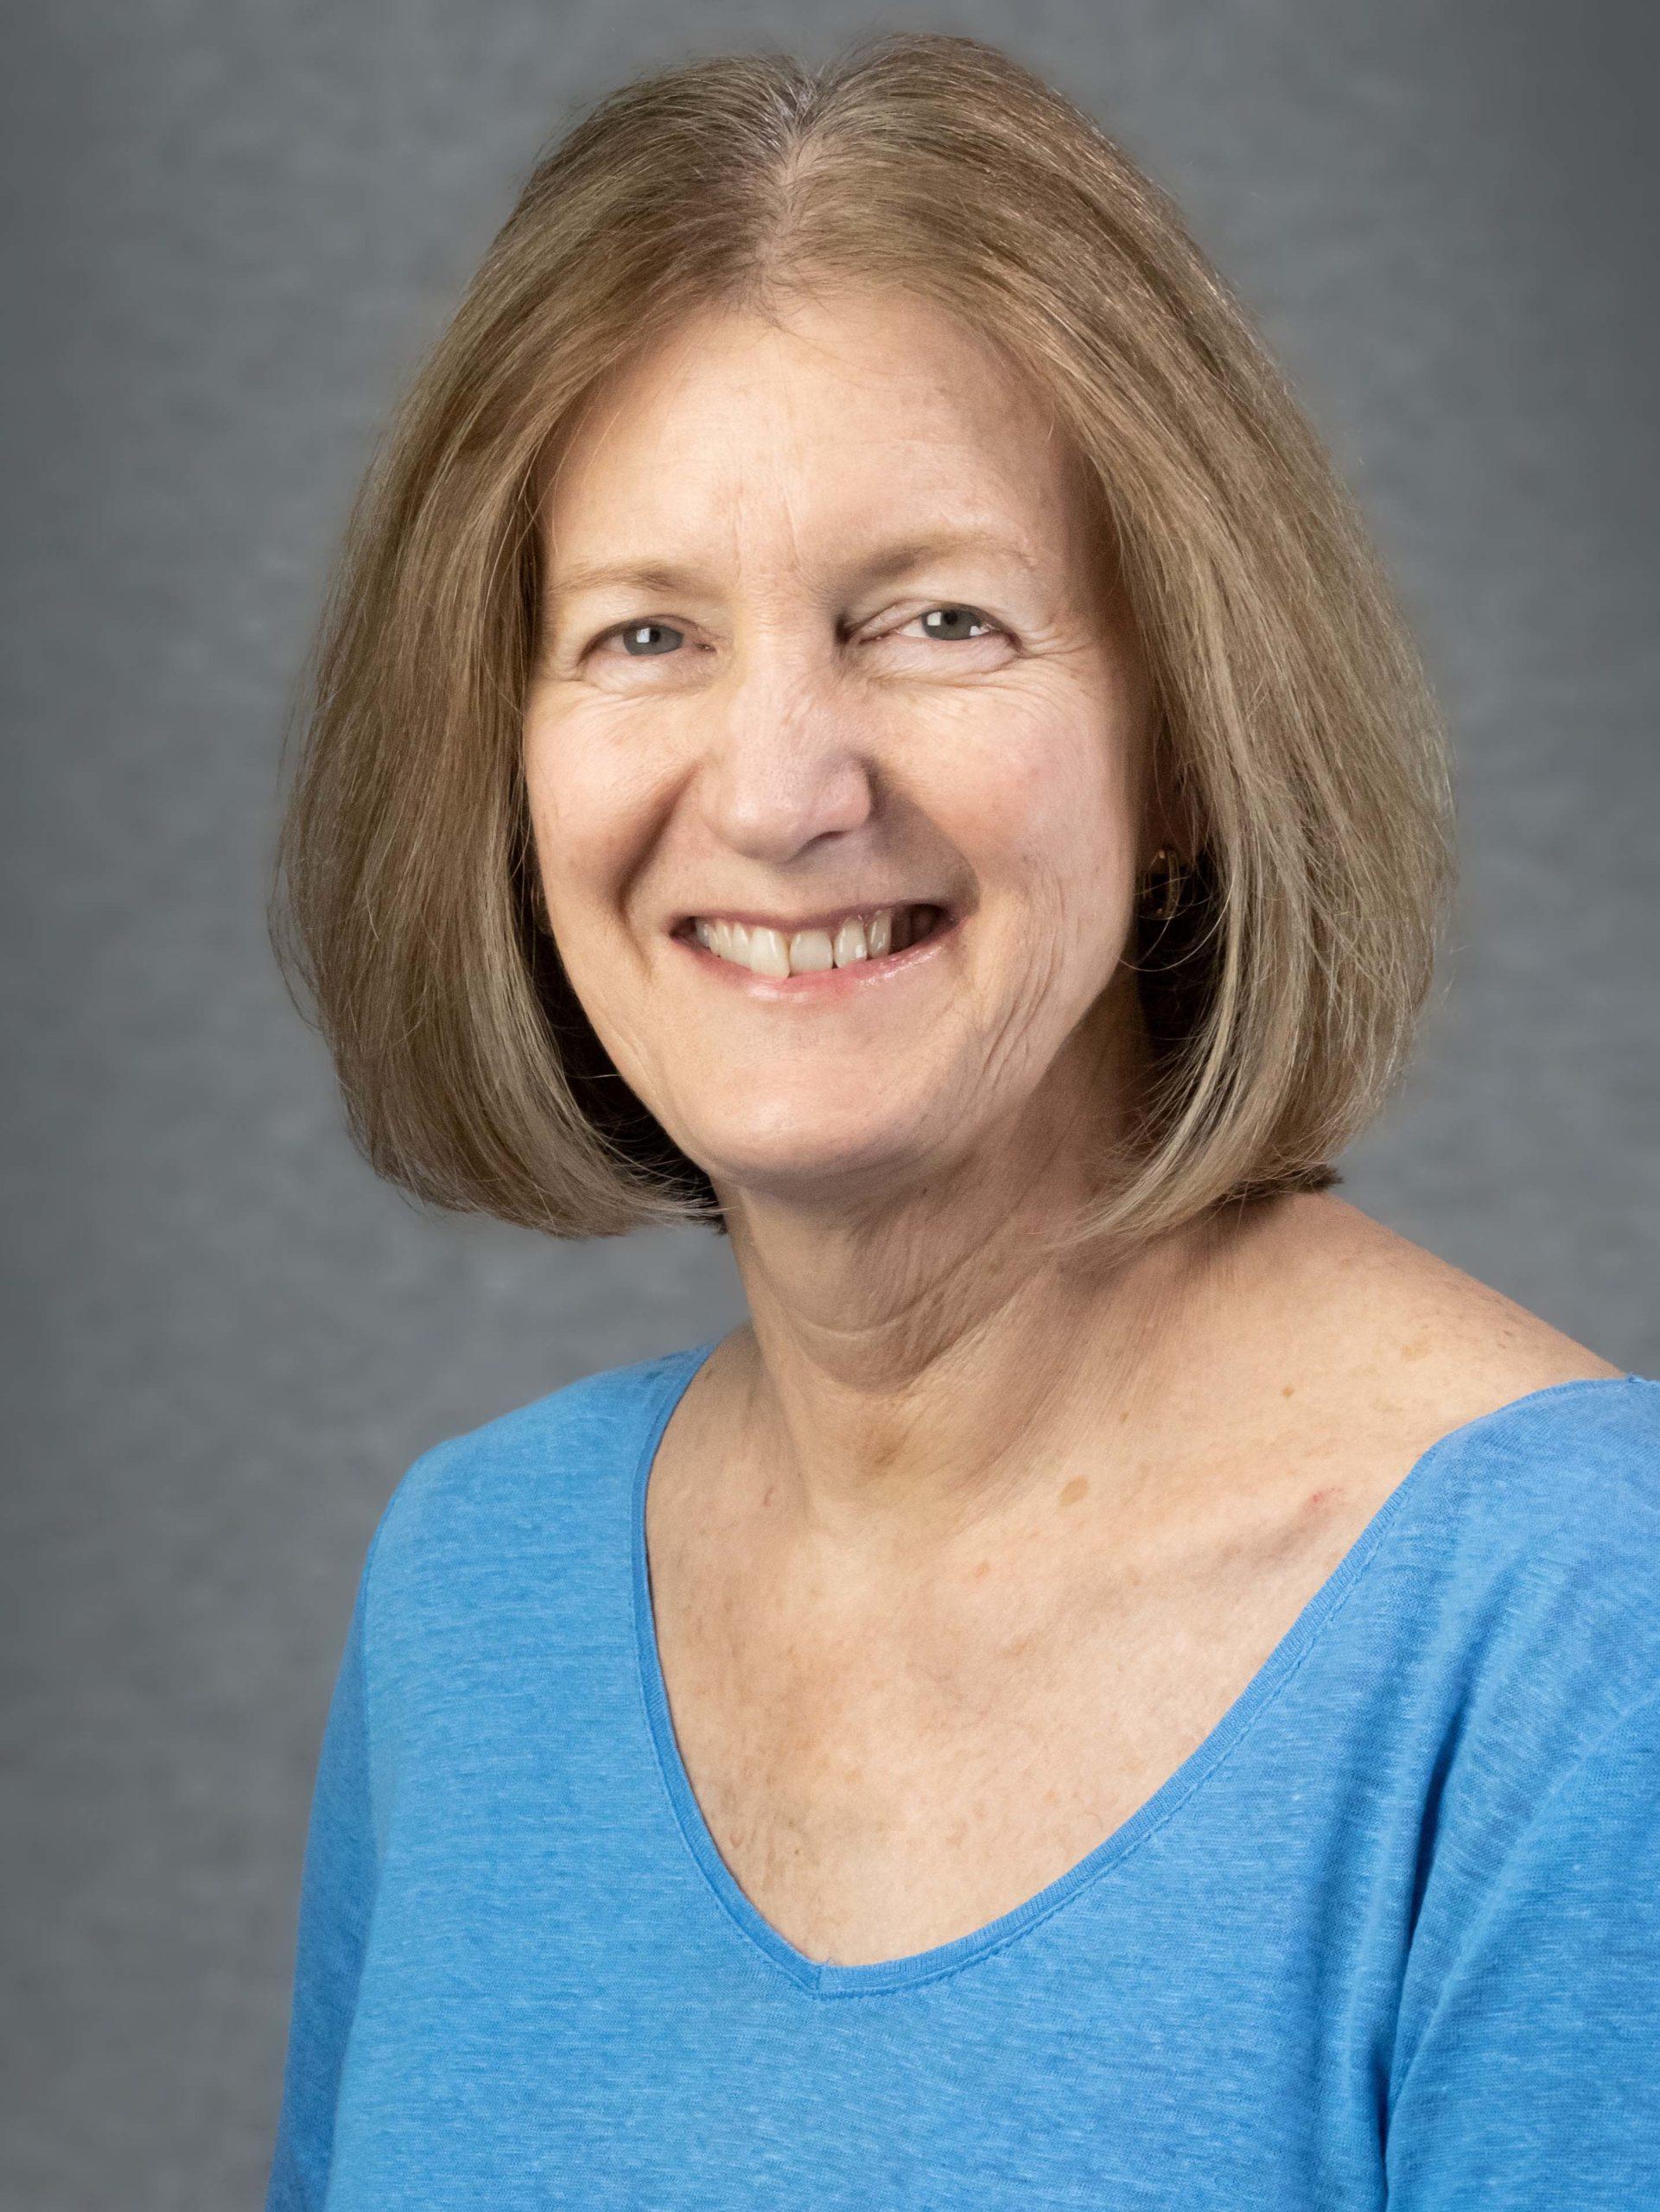 Susan Singer Carpenter